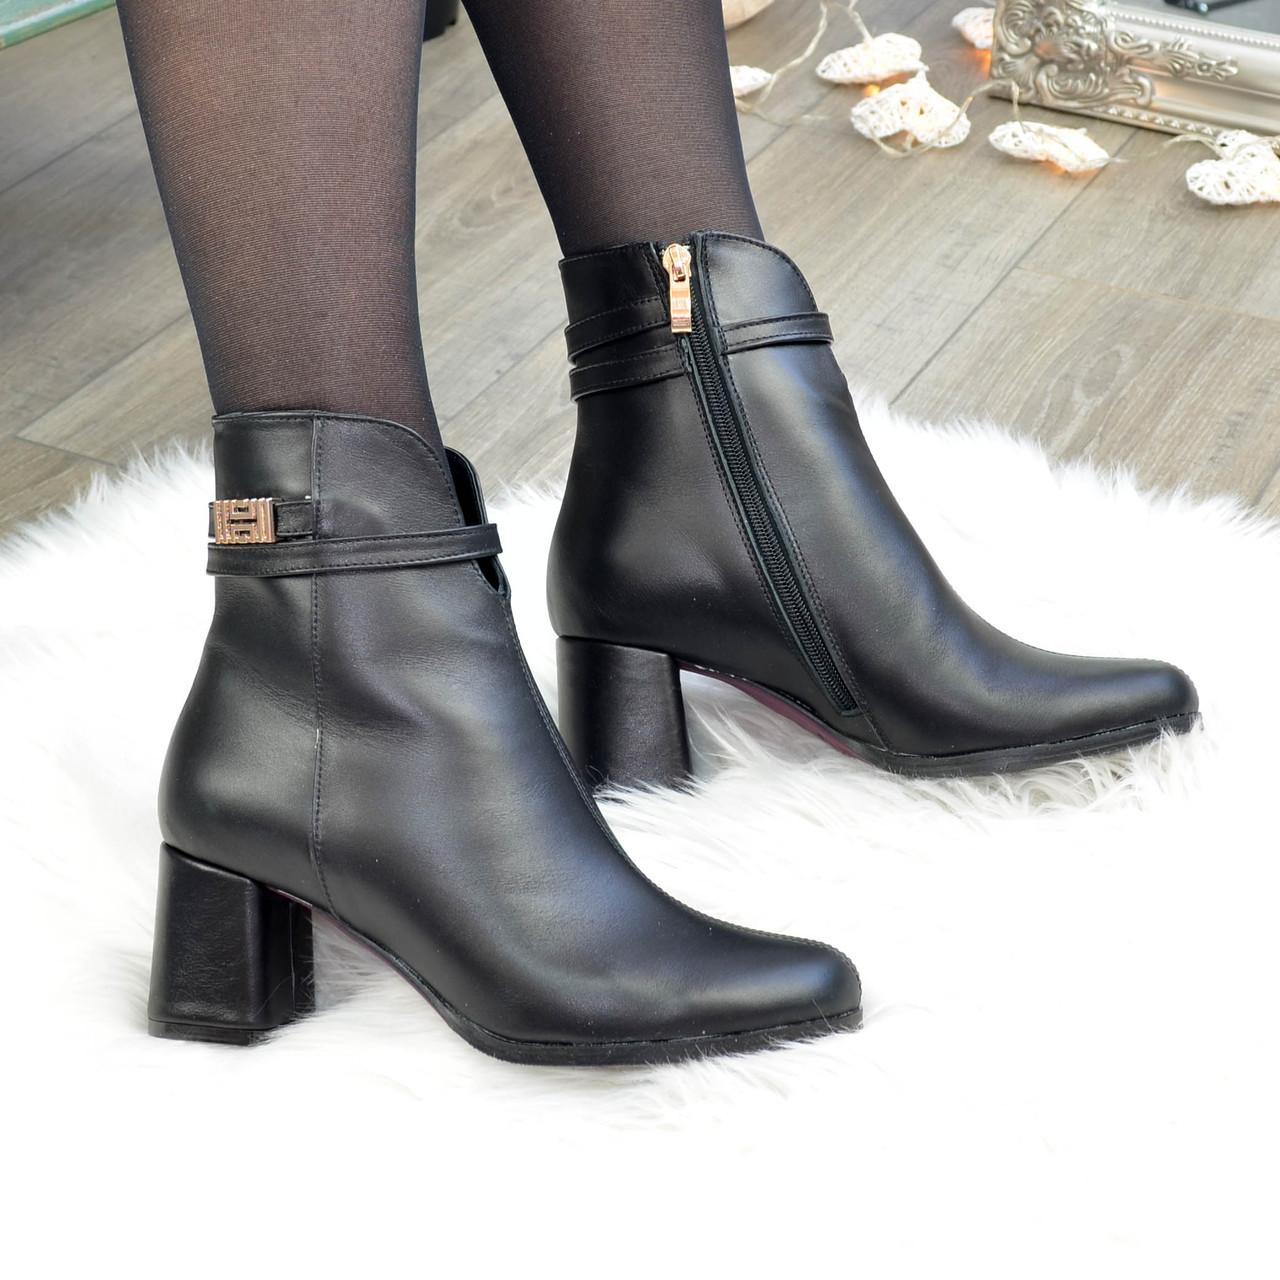 Полуботинки женские кожаные на невысоком устойчивом каблуке